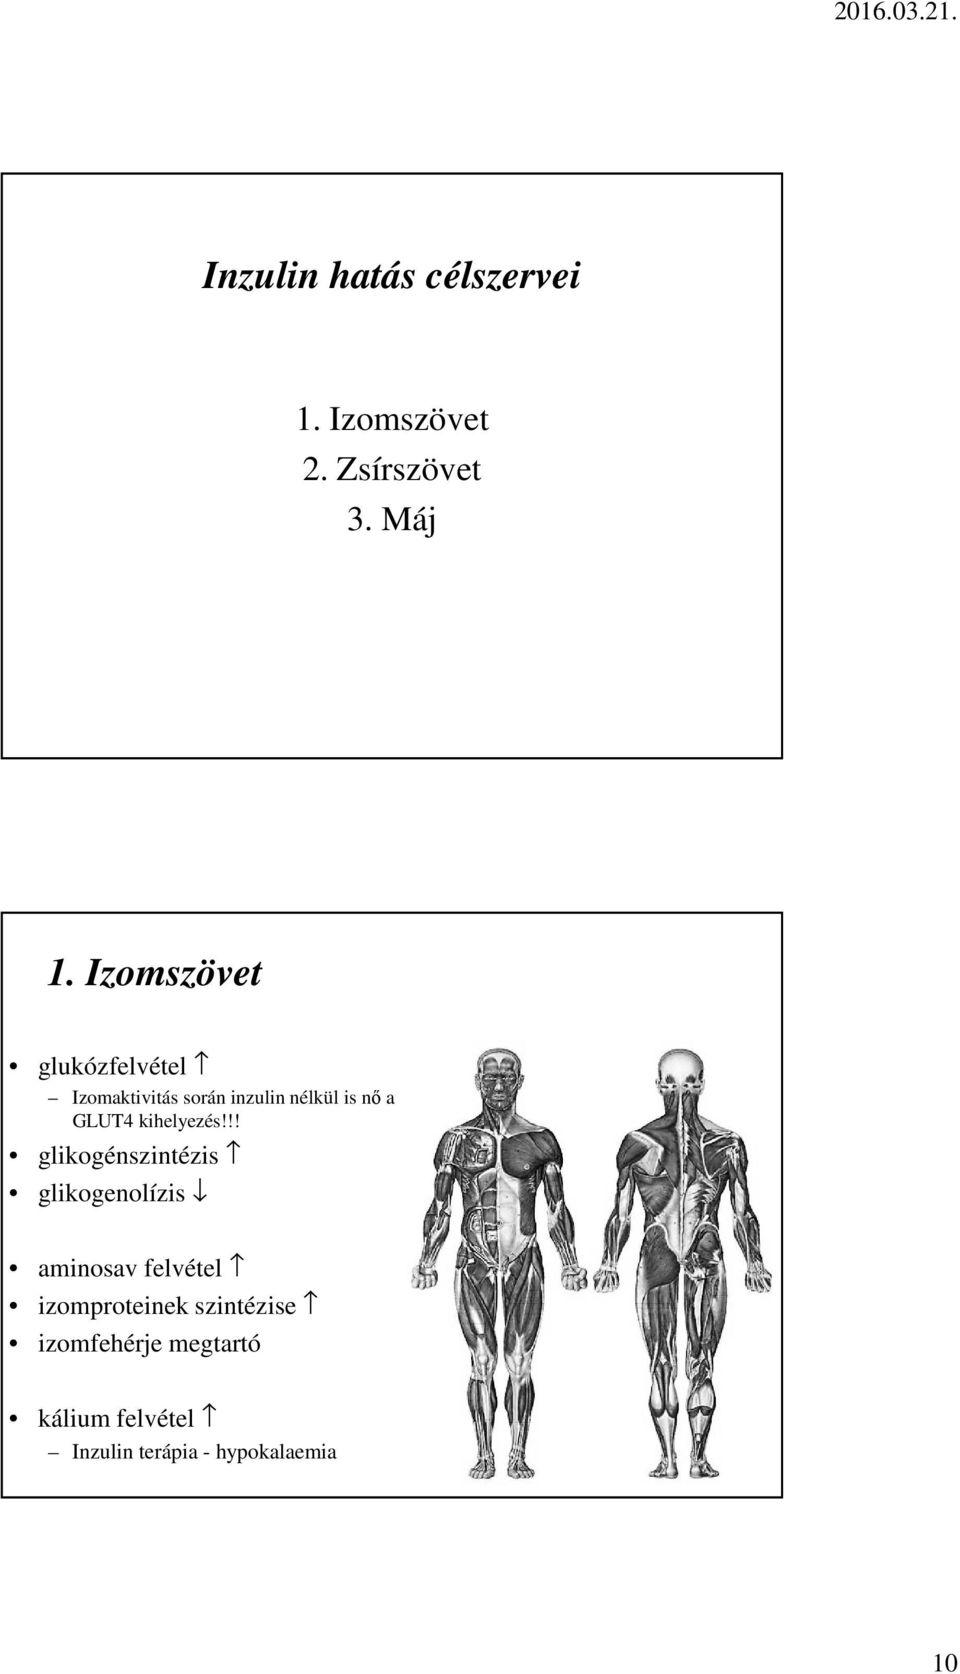 hipertónia célszervei